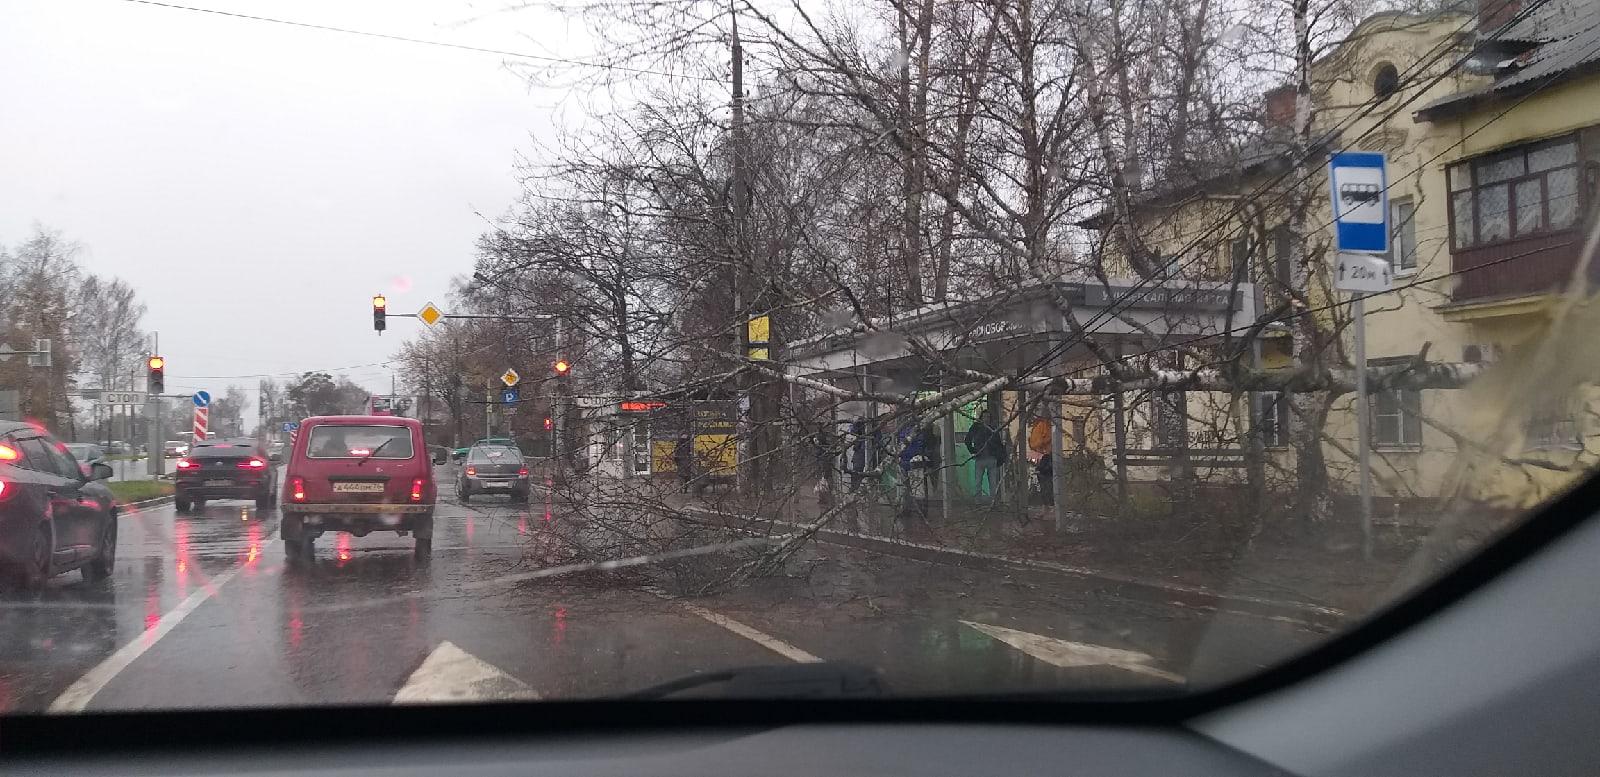 В Ярославле рядом с остановкой на провода упало дерево, перегородив часть дороги